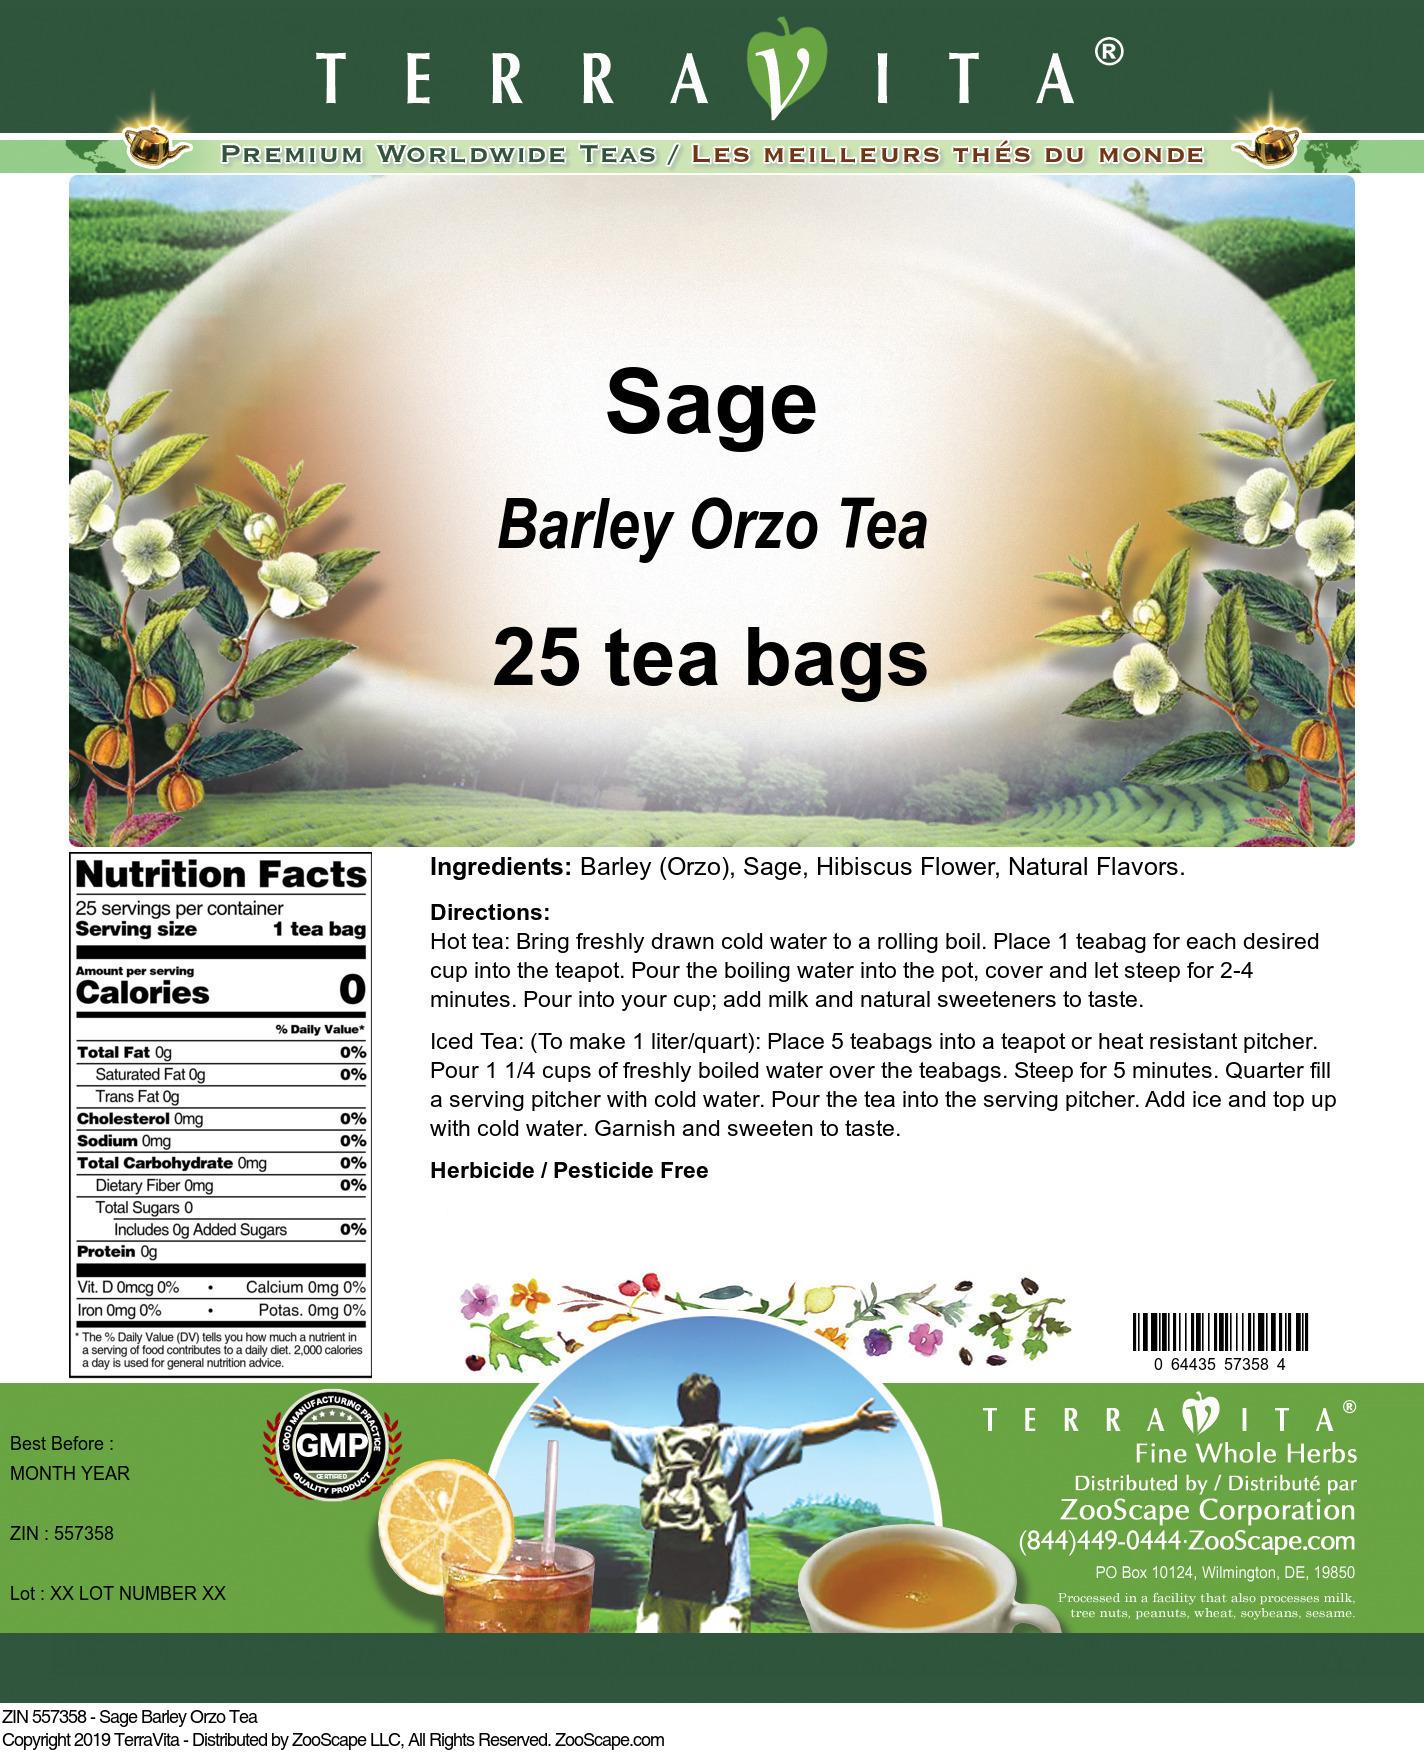 Sage Barley Orzo Tea